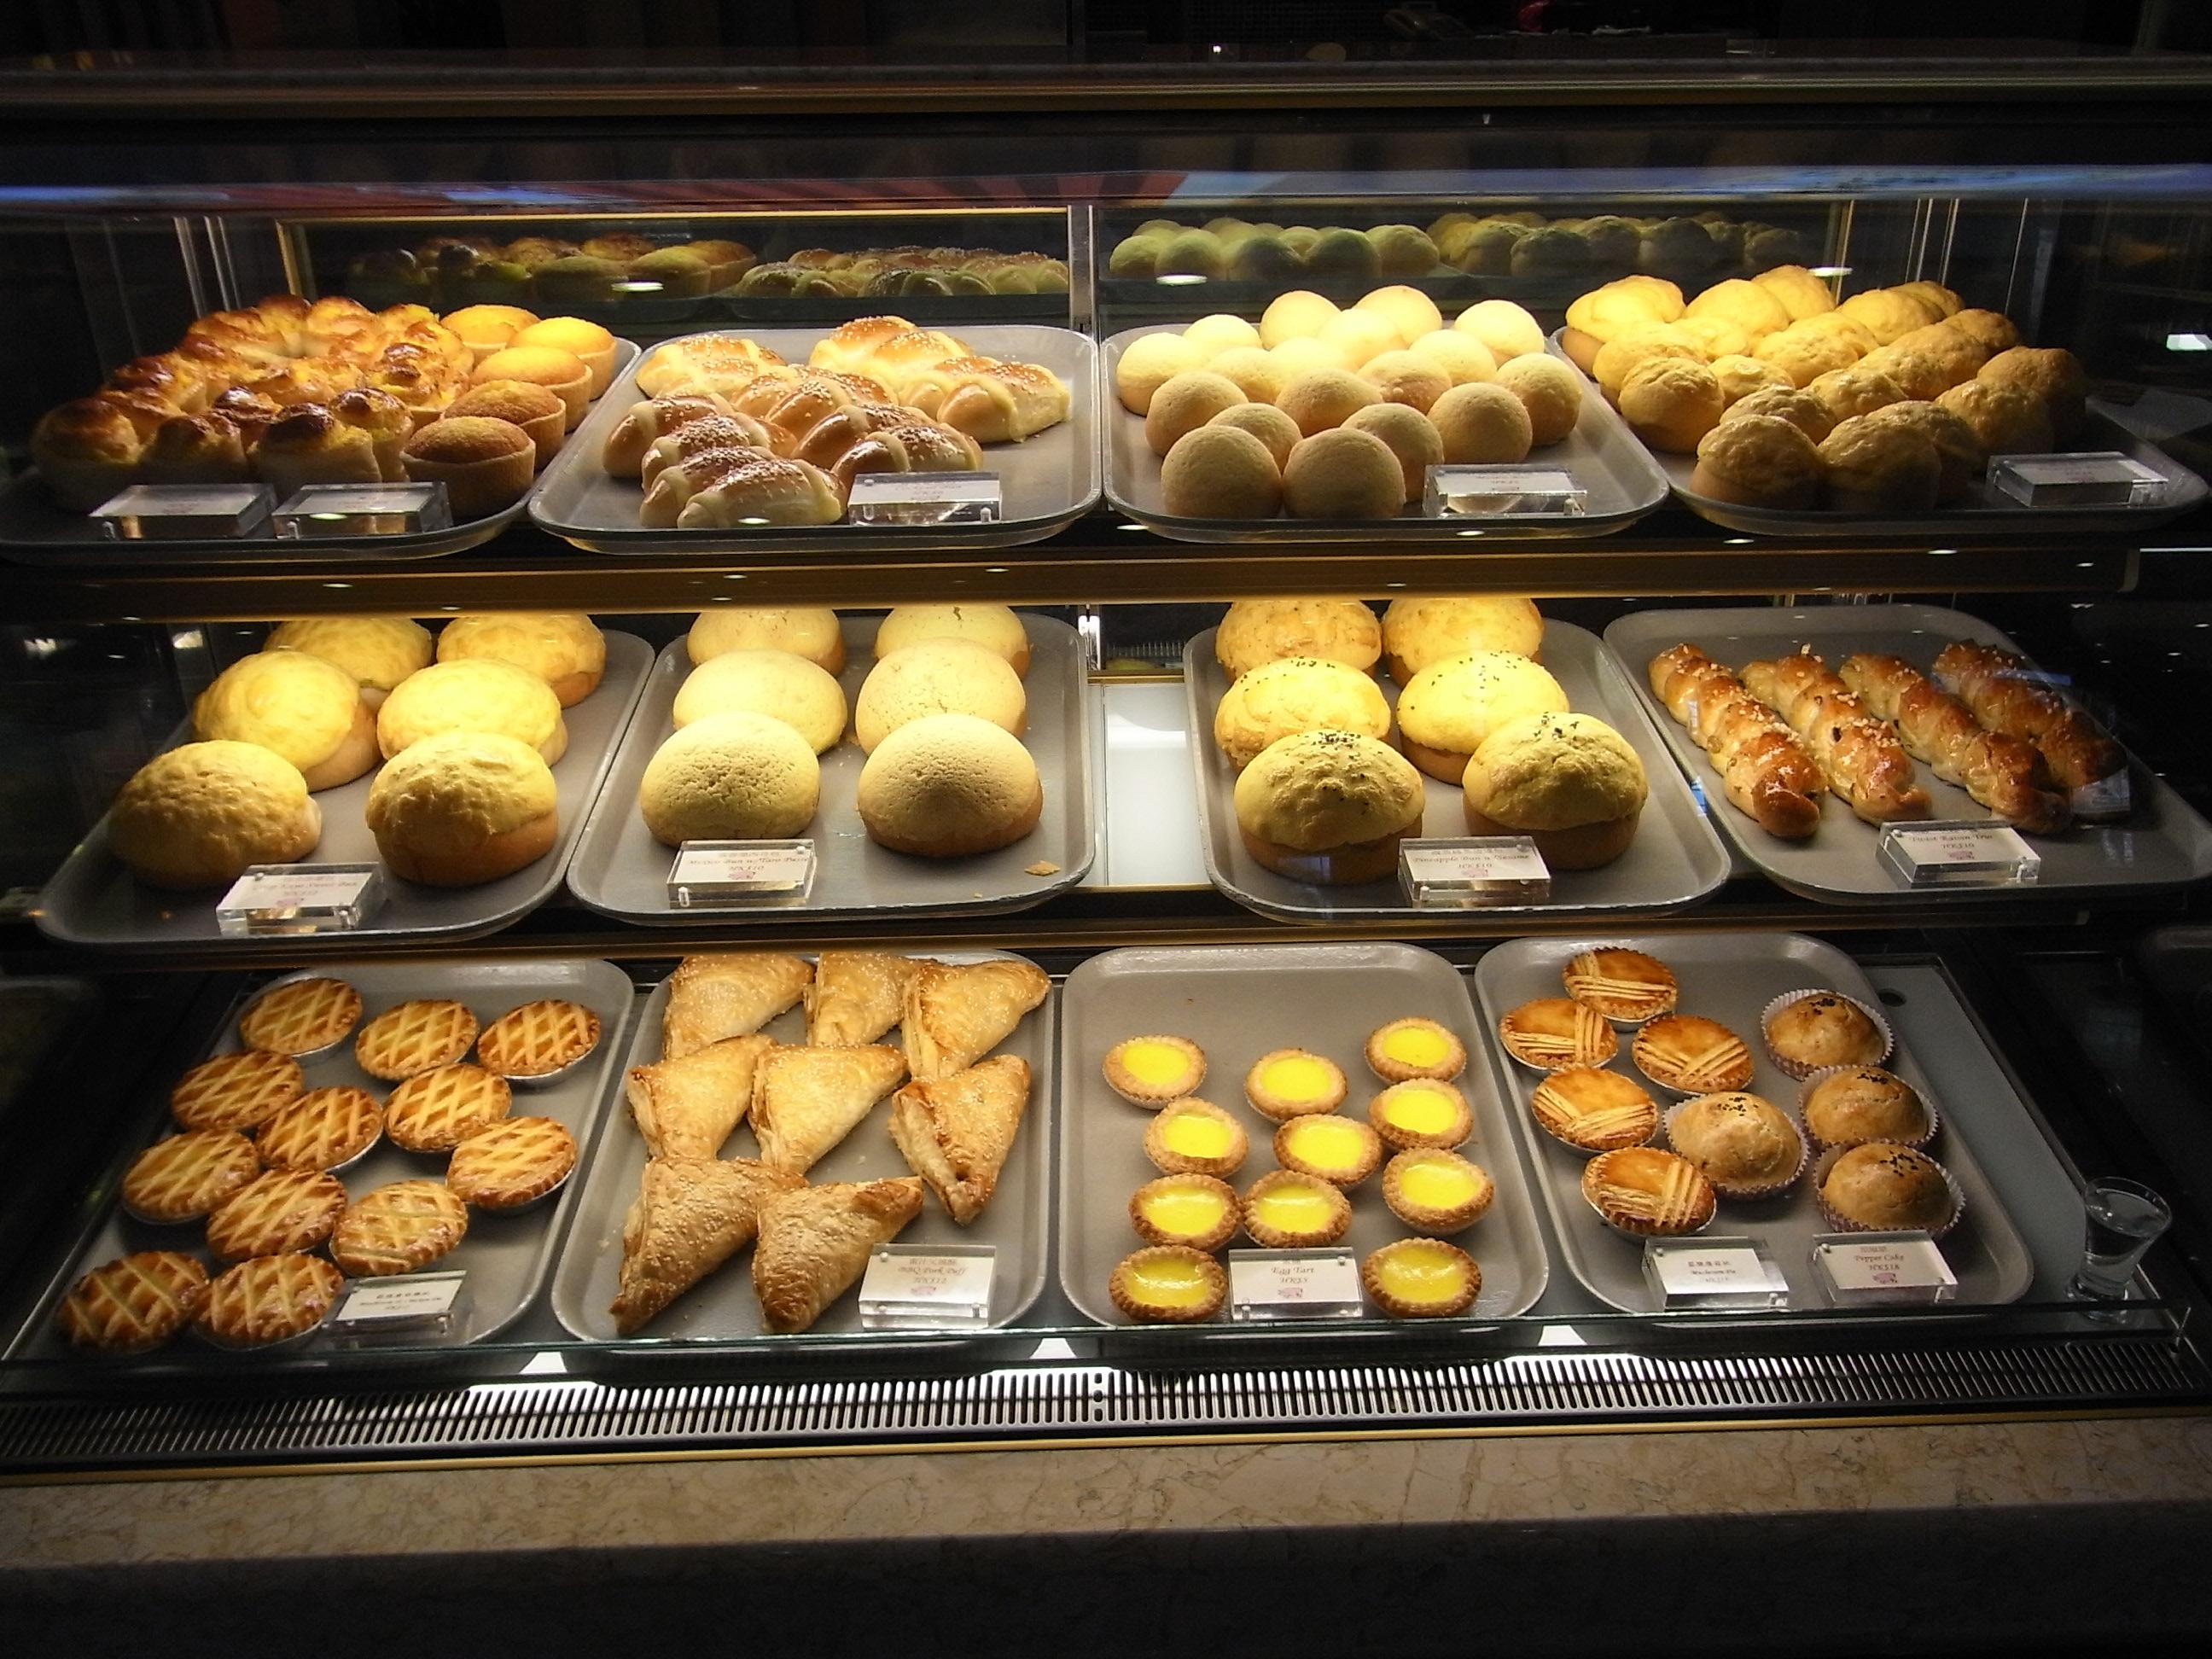 Dilawar Bakery